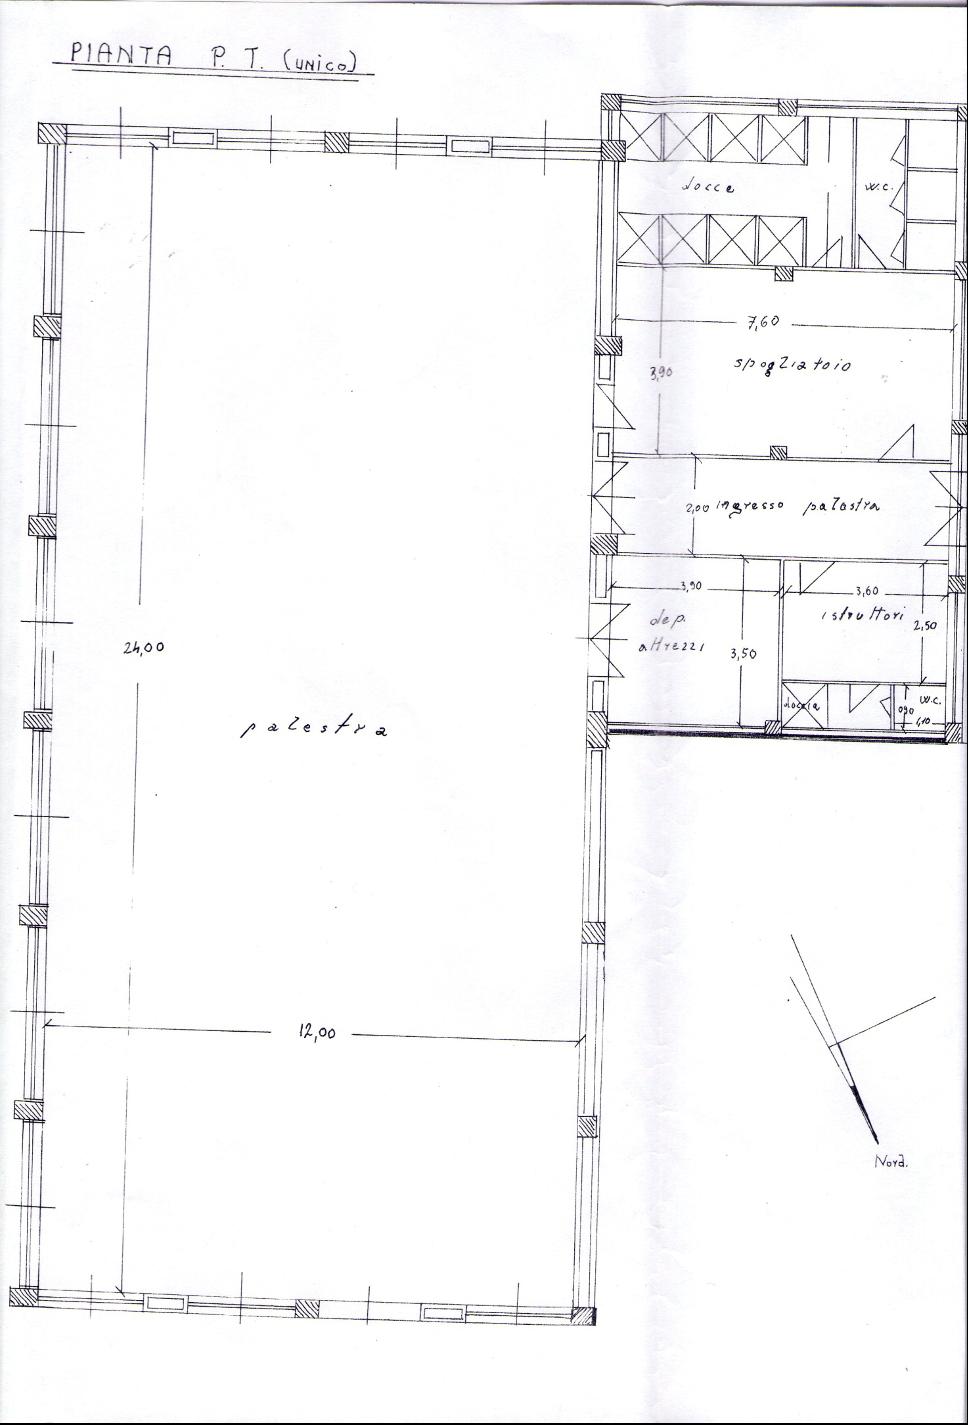 Relazione tecnica e planimetria della palestra del 10/07/1967 (Archivio storico Comune di Salerno)